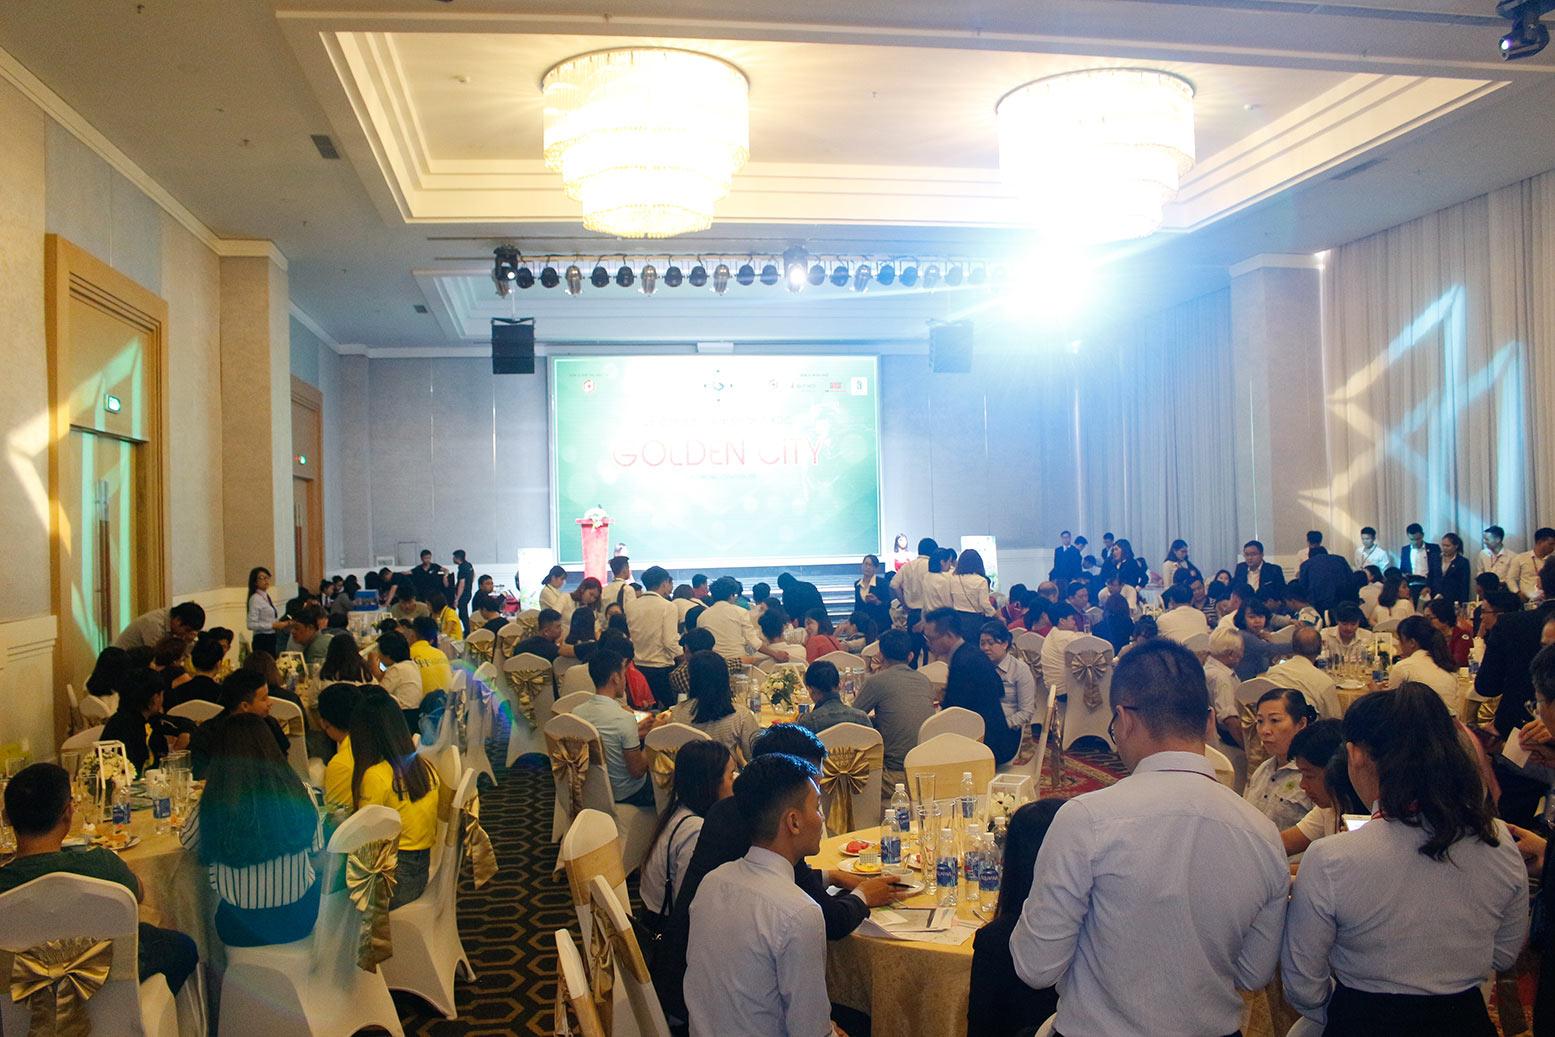 Hơn 90% giao dịch thành công tại buổi lễ công bố giai đoạn 1 KDC Golden City 12